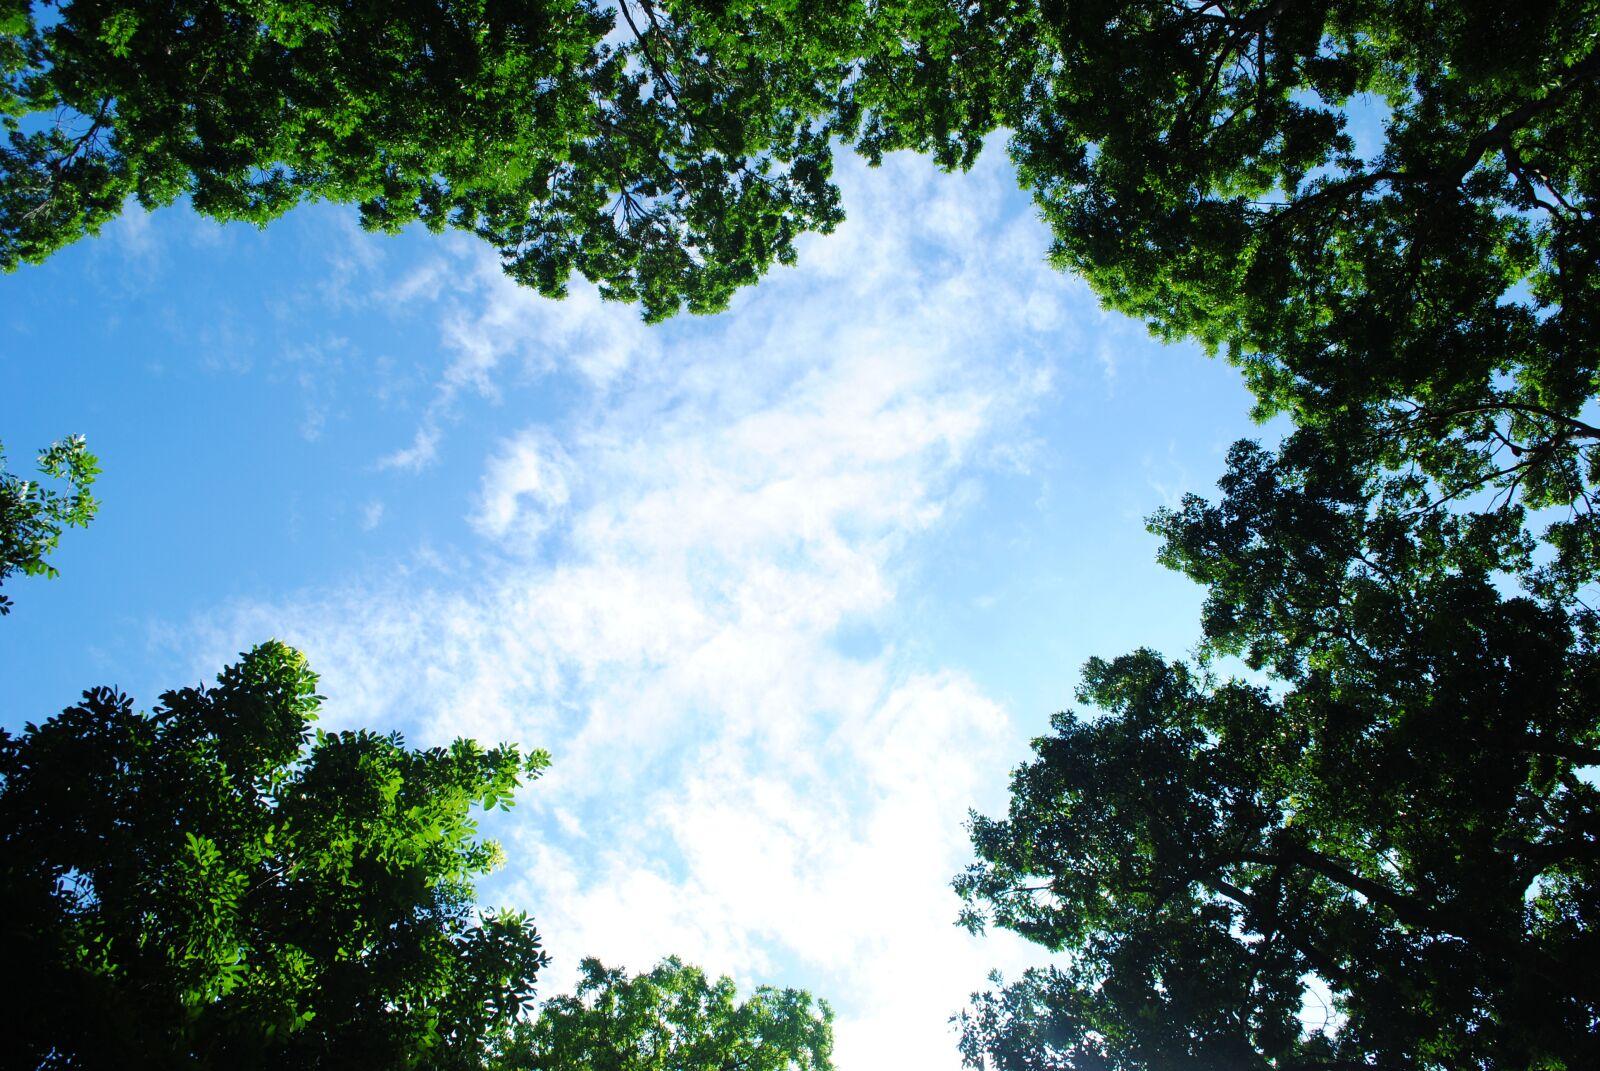 """Nikon D3000 sample photo. """"Sky, nature, clouds"""" photography"""